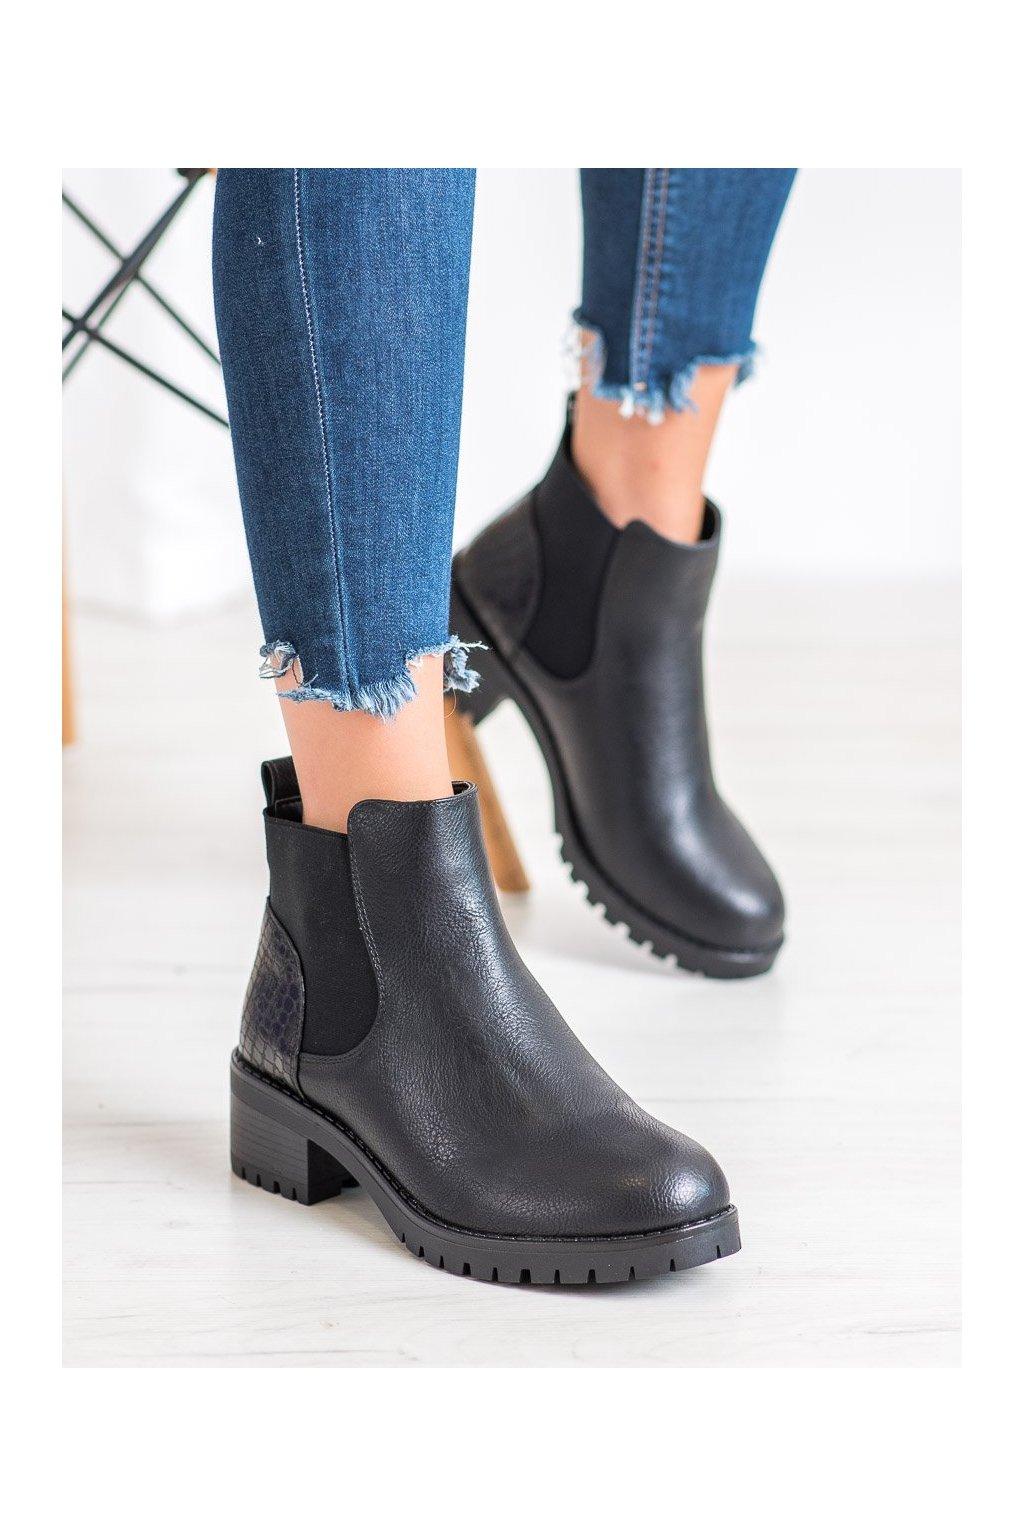 Čierne dámske topánky J. star kod V19019B